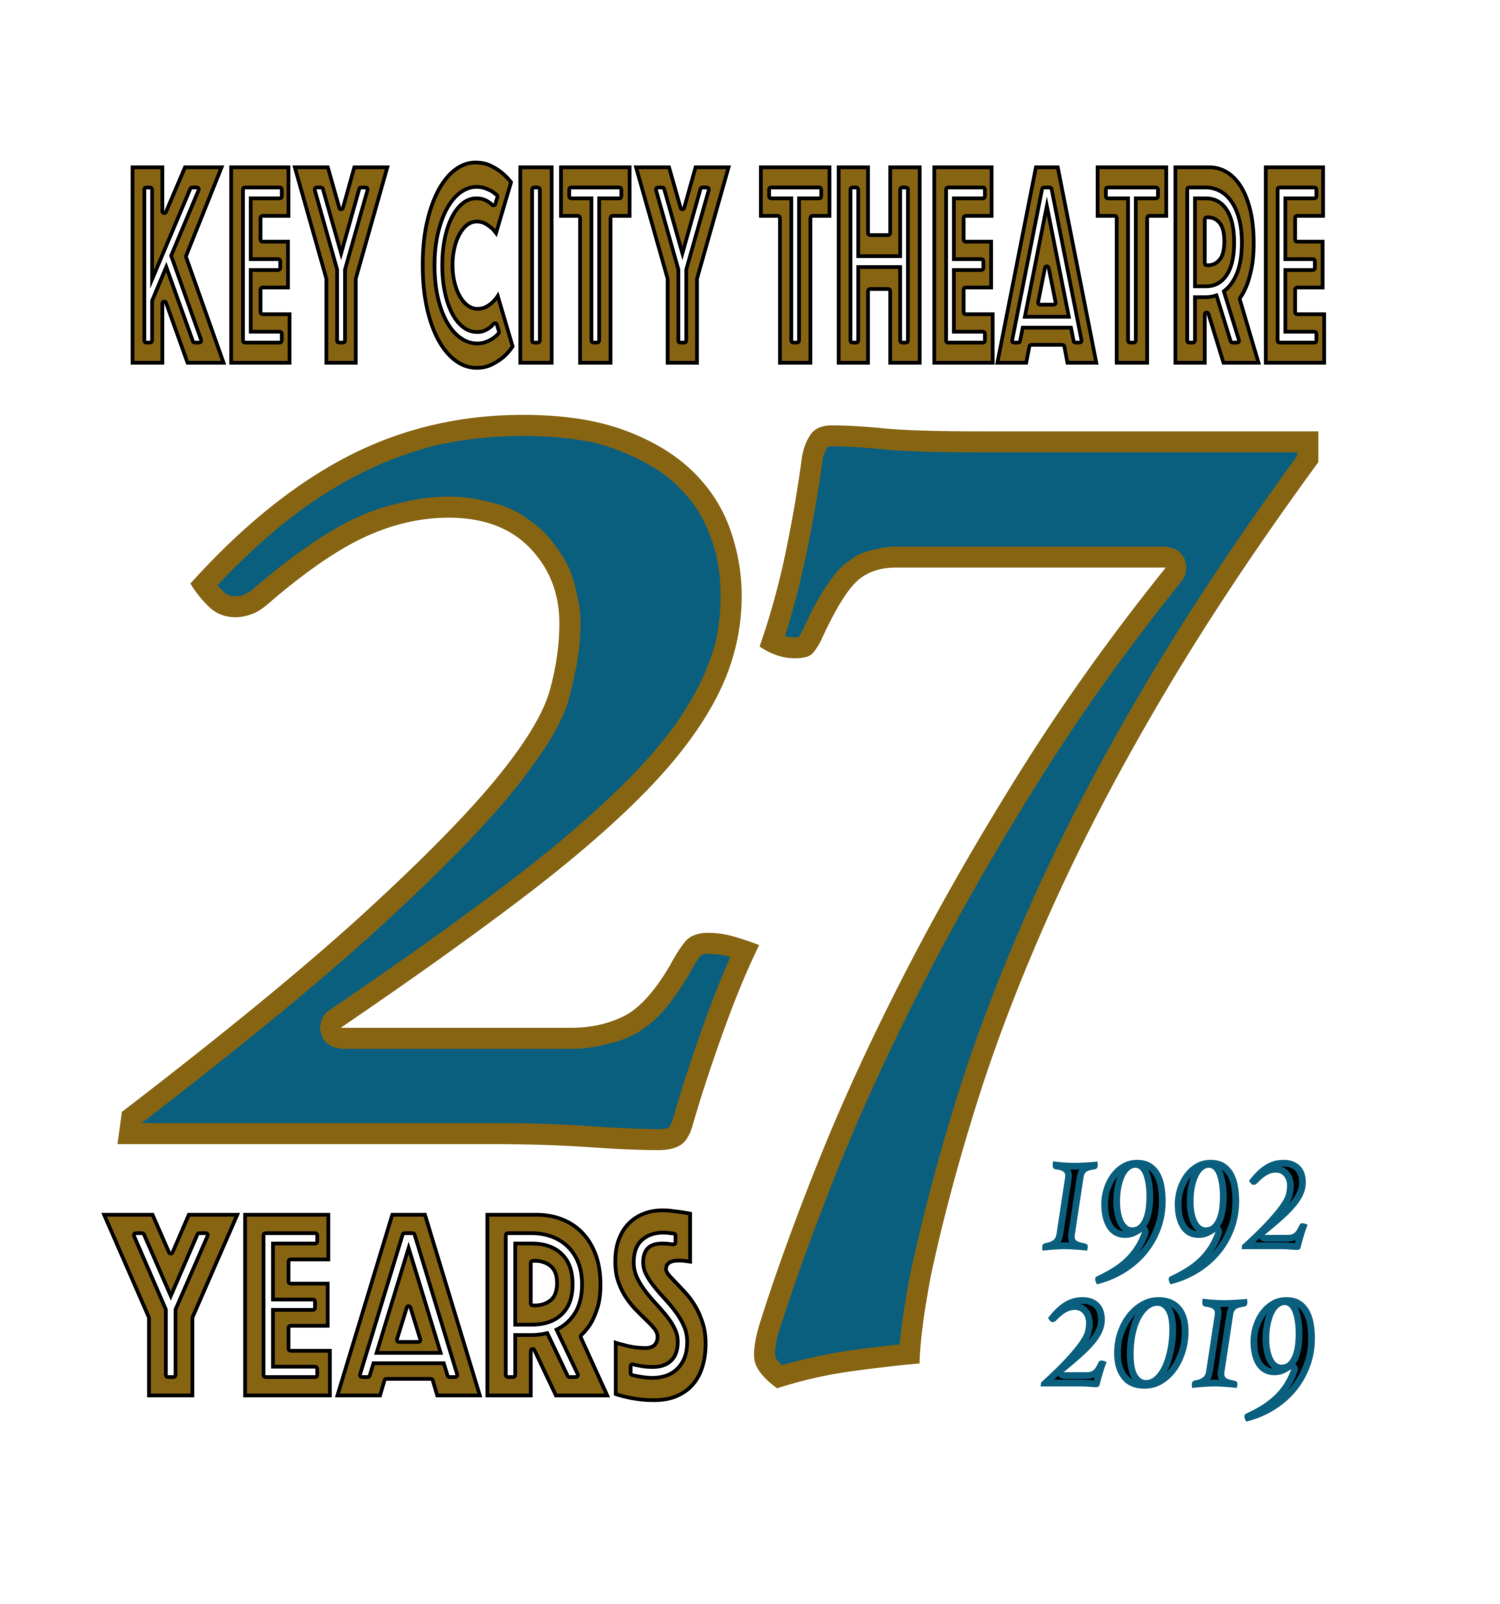 ccec53b52e9256 Upcoming Events — Key City Theatre